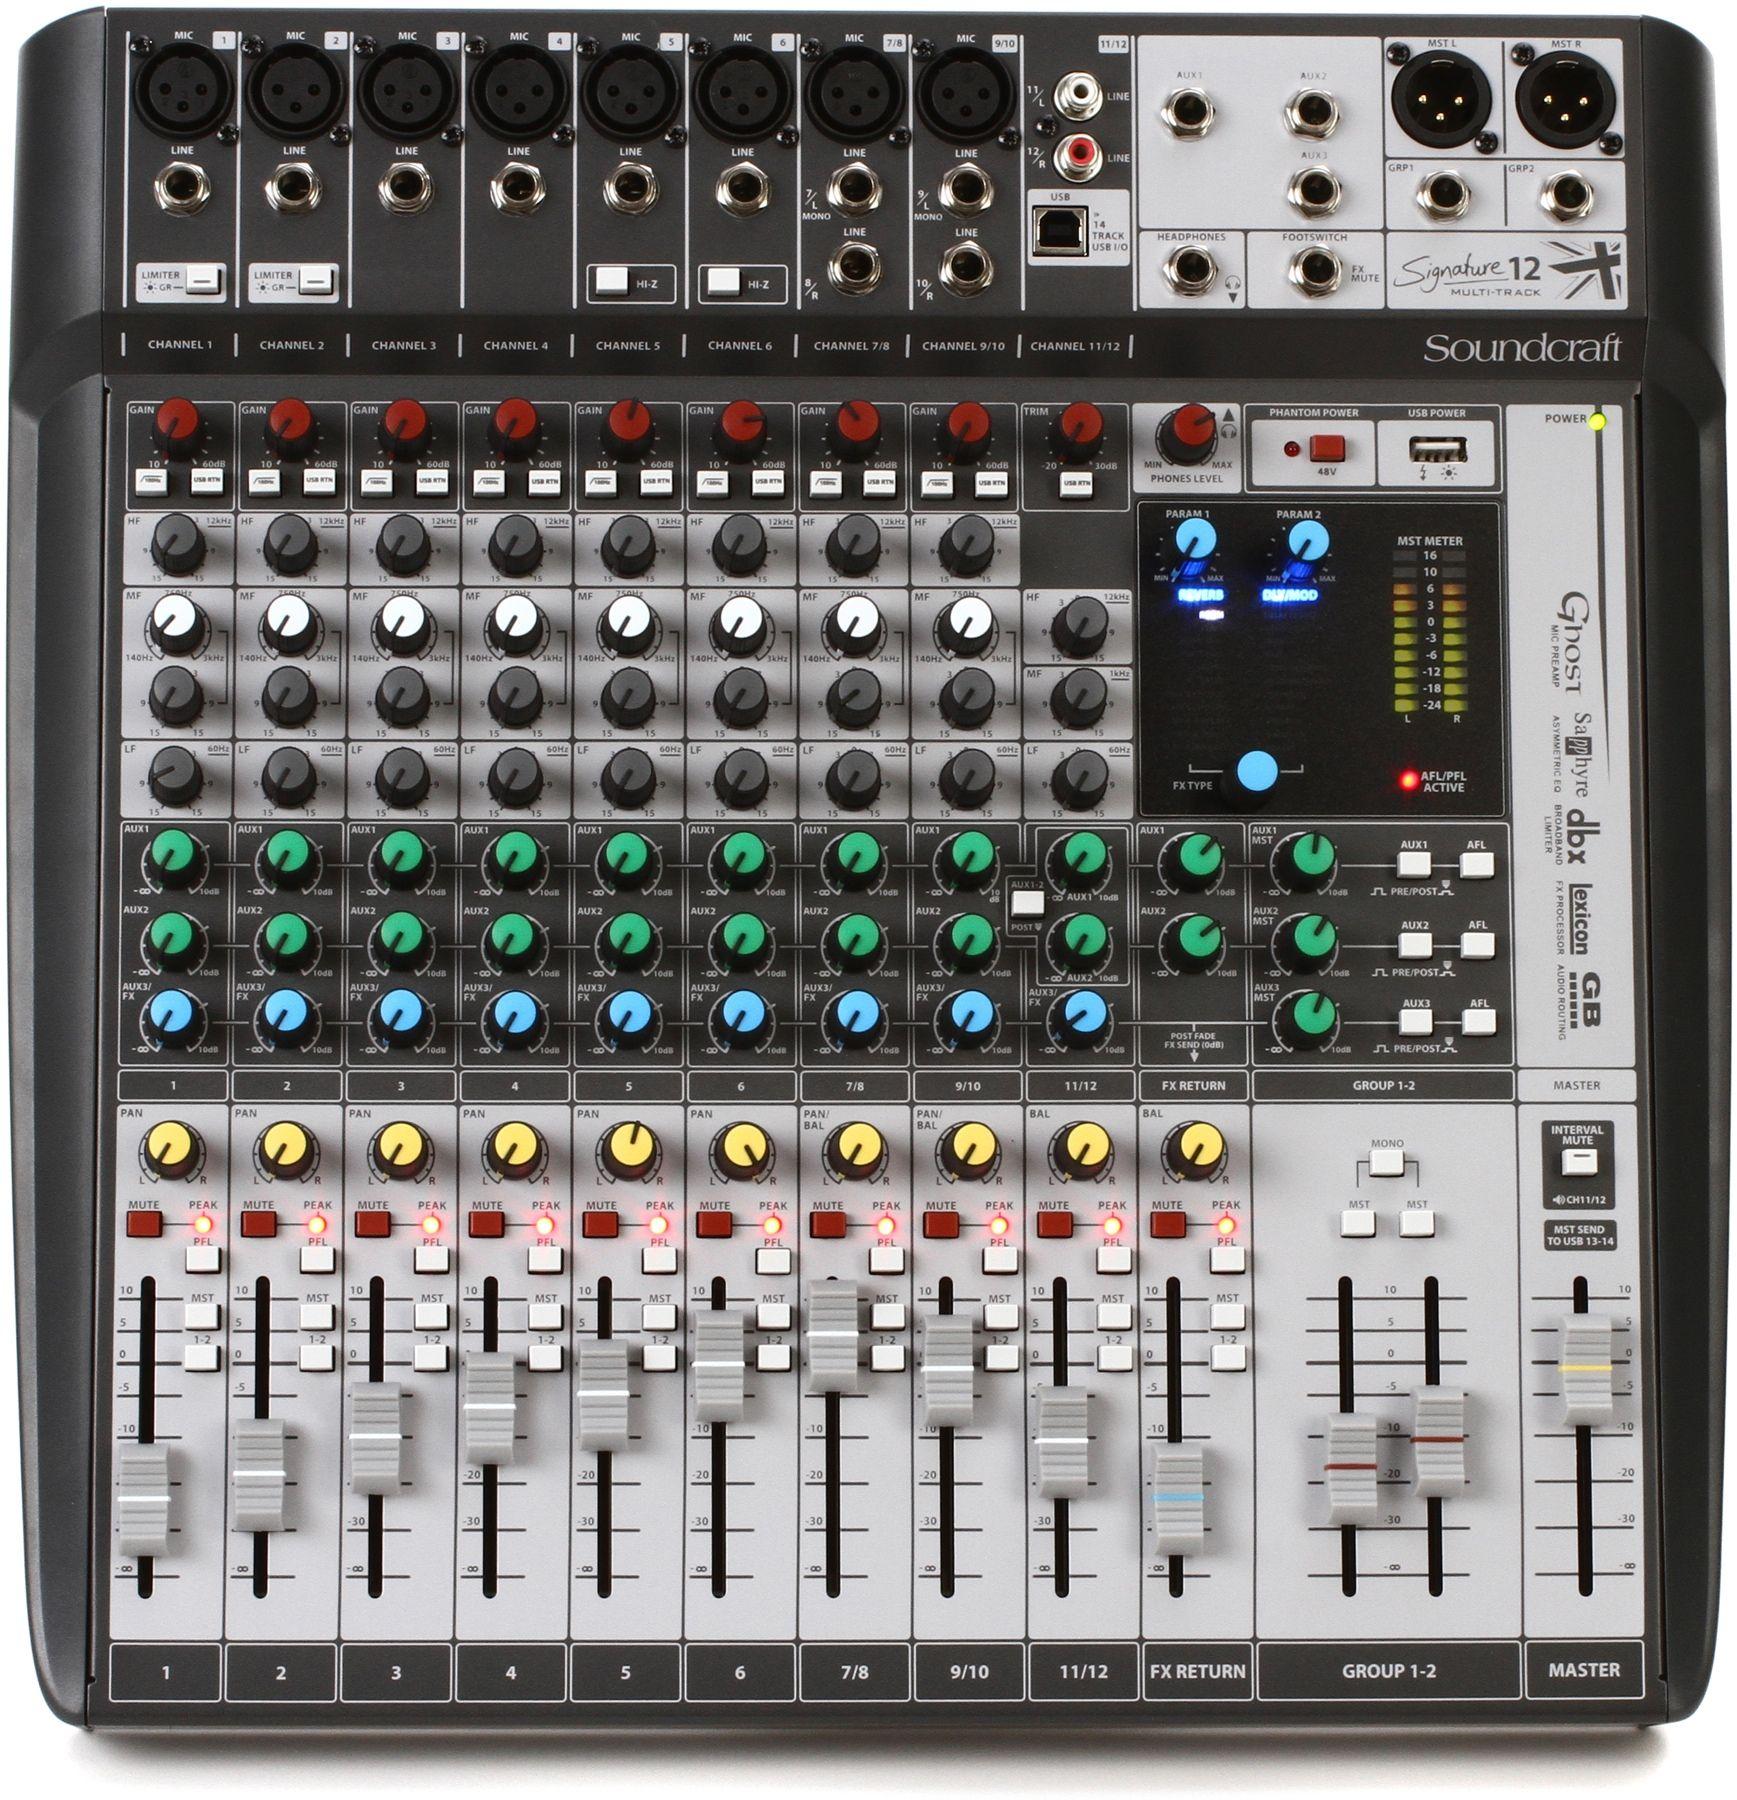 450 soundcraft signature 12 mtk alternative studio gear